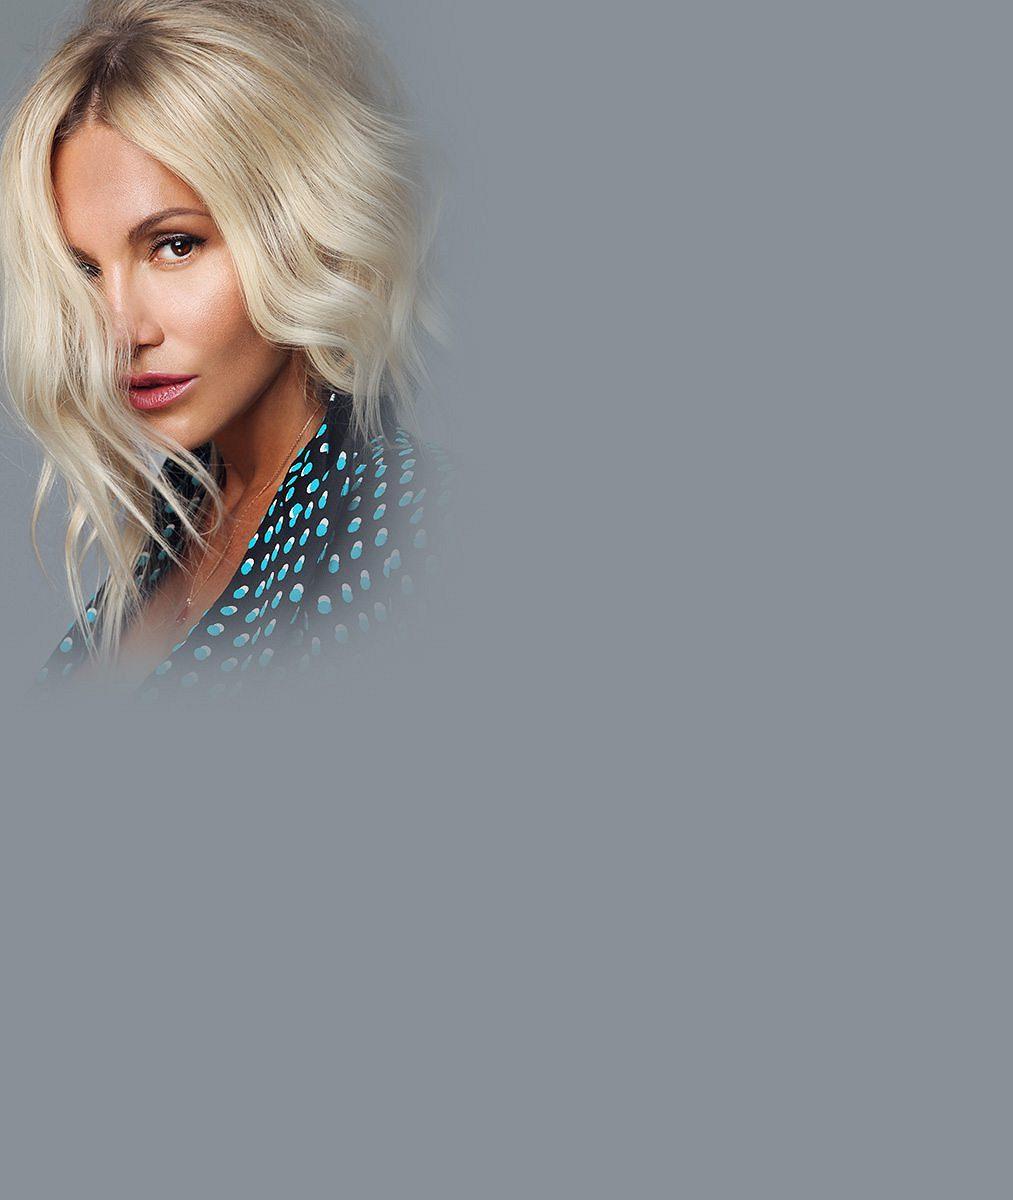 Dara promluvila o kamarádce Evě Skallové (✝36): 'Napsala mi: Jasan. Počítej se mnou'